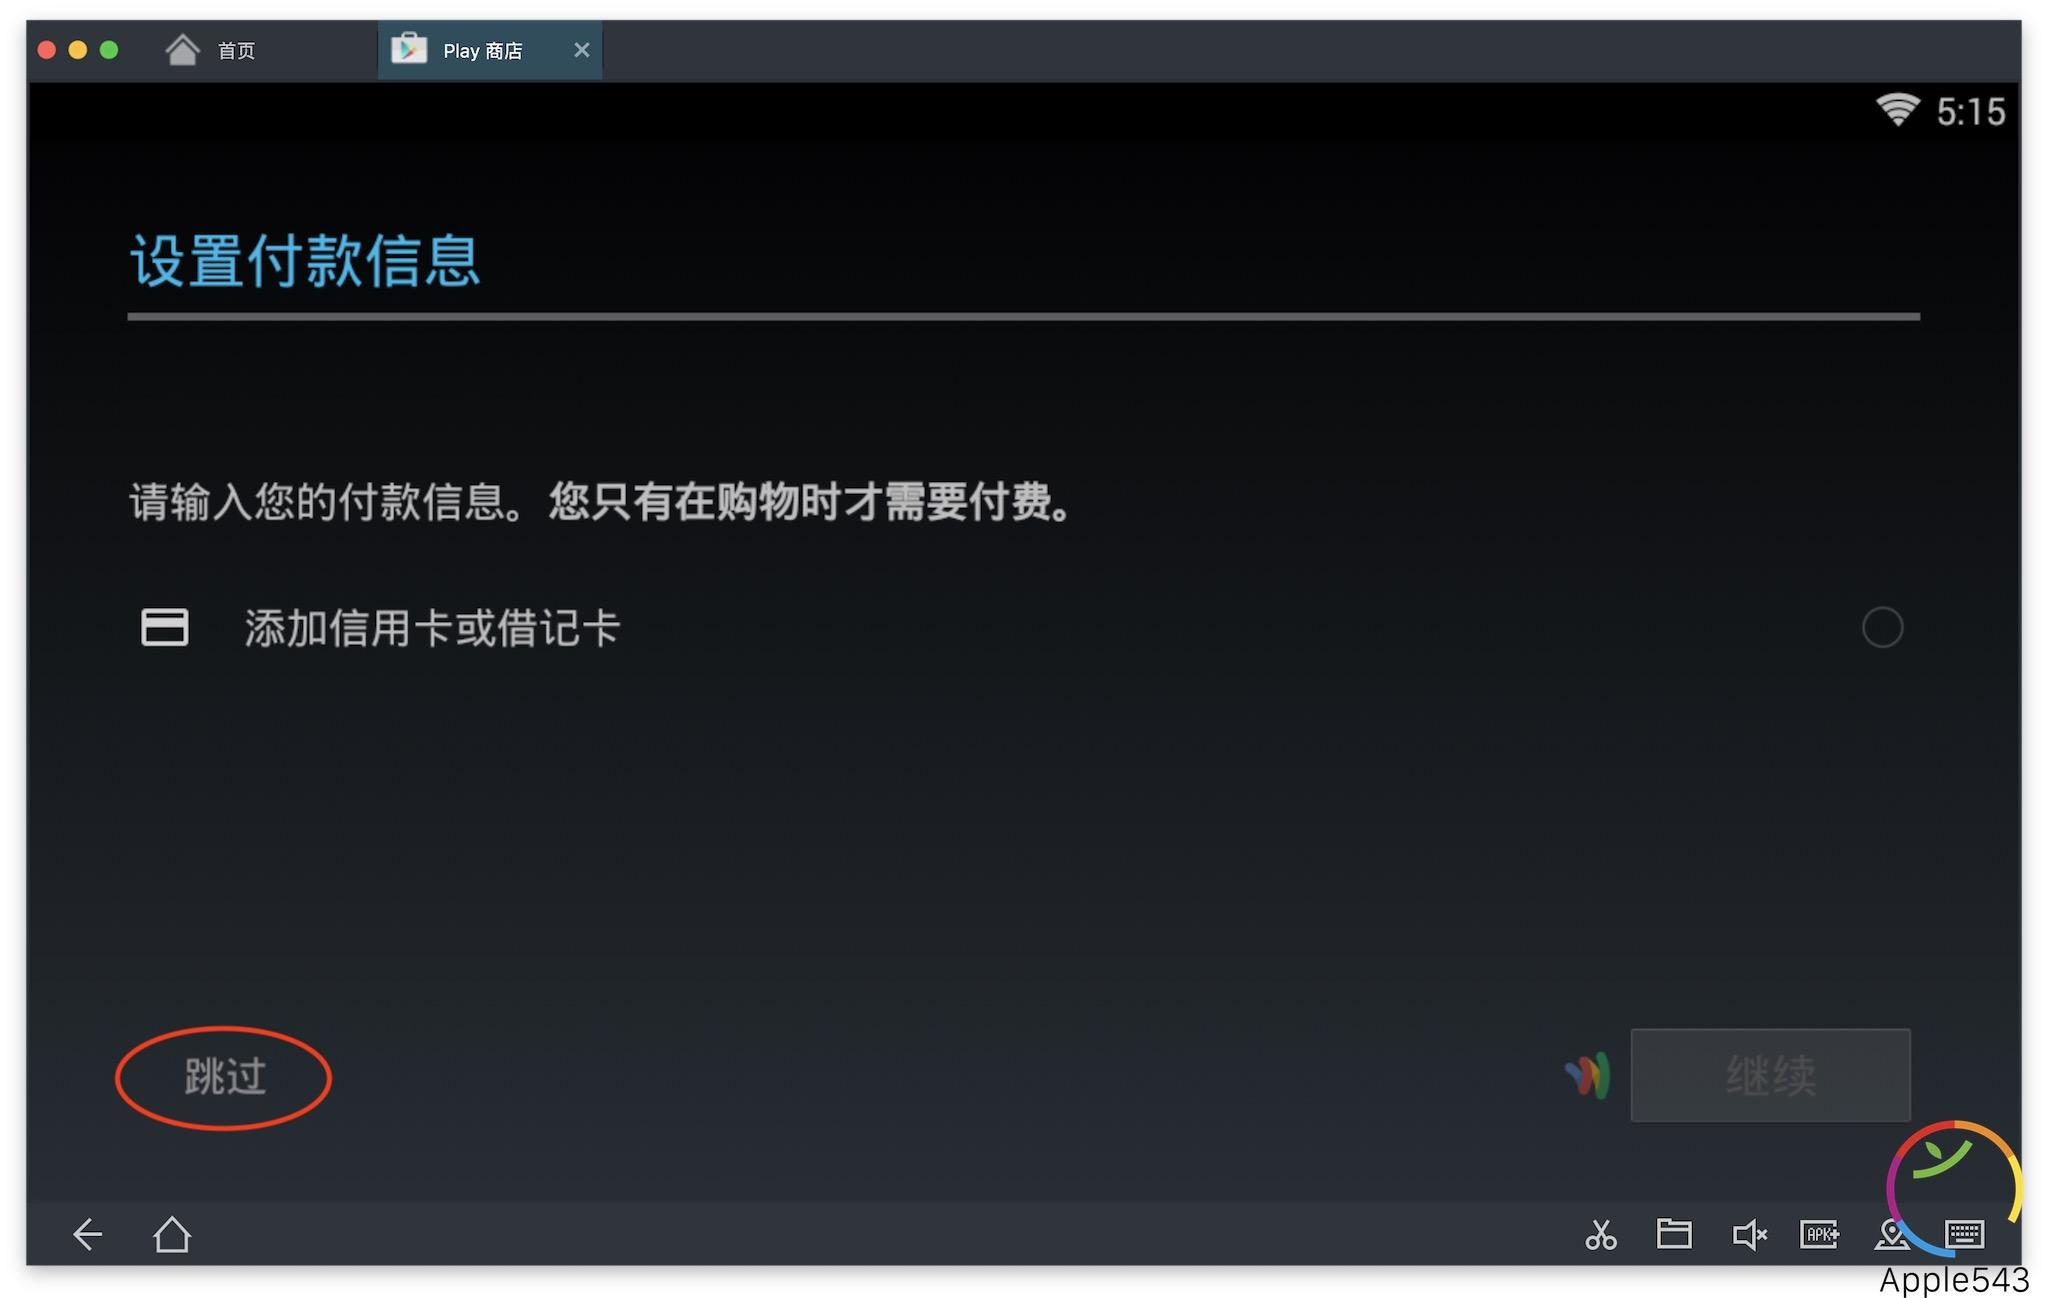 Mac 天堂M 的首選模擬器,用 MuMu 就對了!- Apple543 找教學